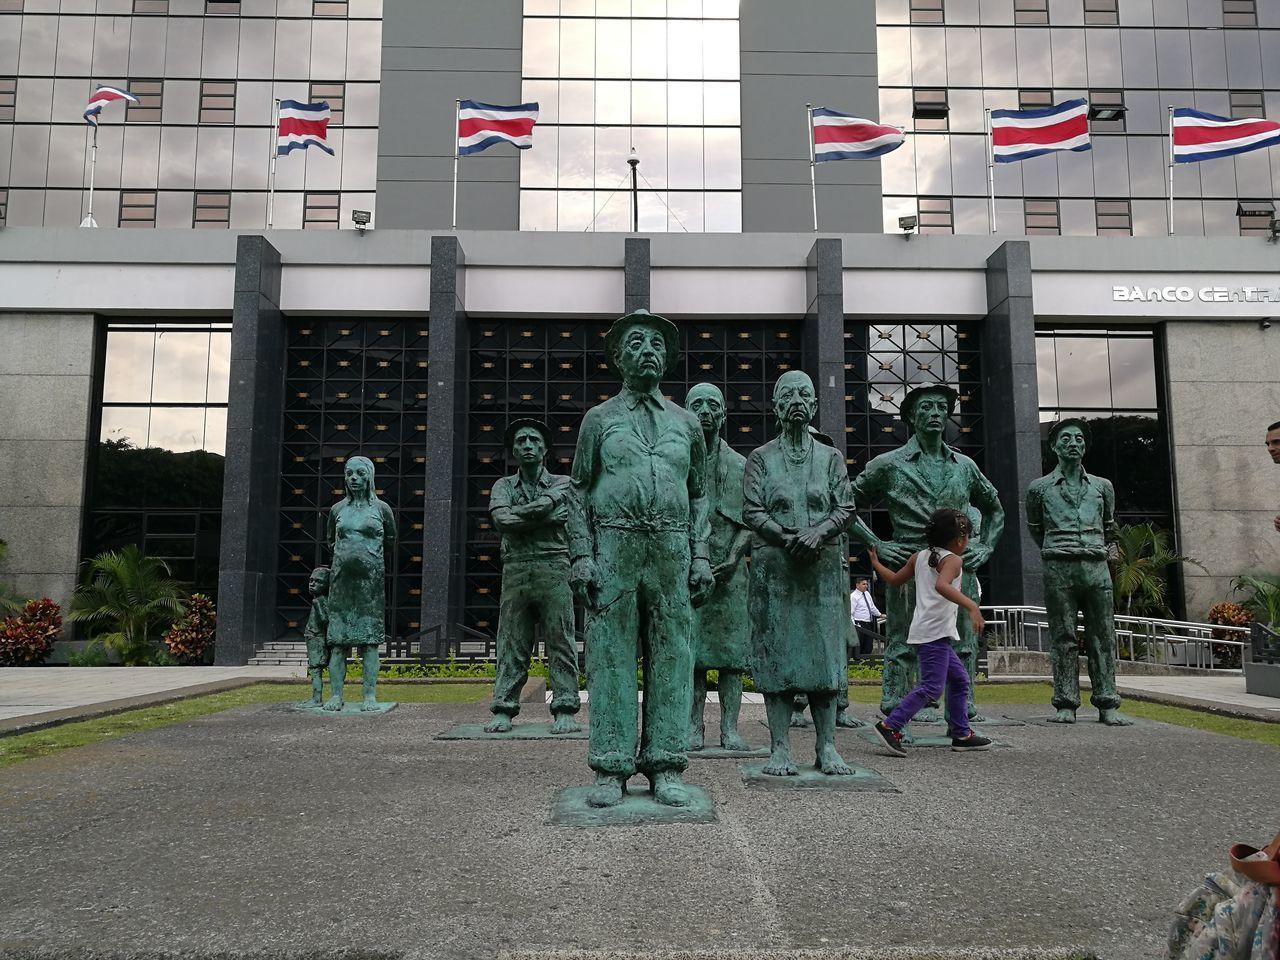 Esculturas Y Estatuas Frente Al Banco Central Costa Rica Adolfo Rodriguez